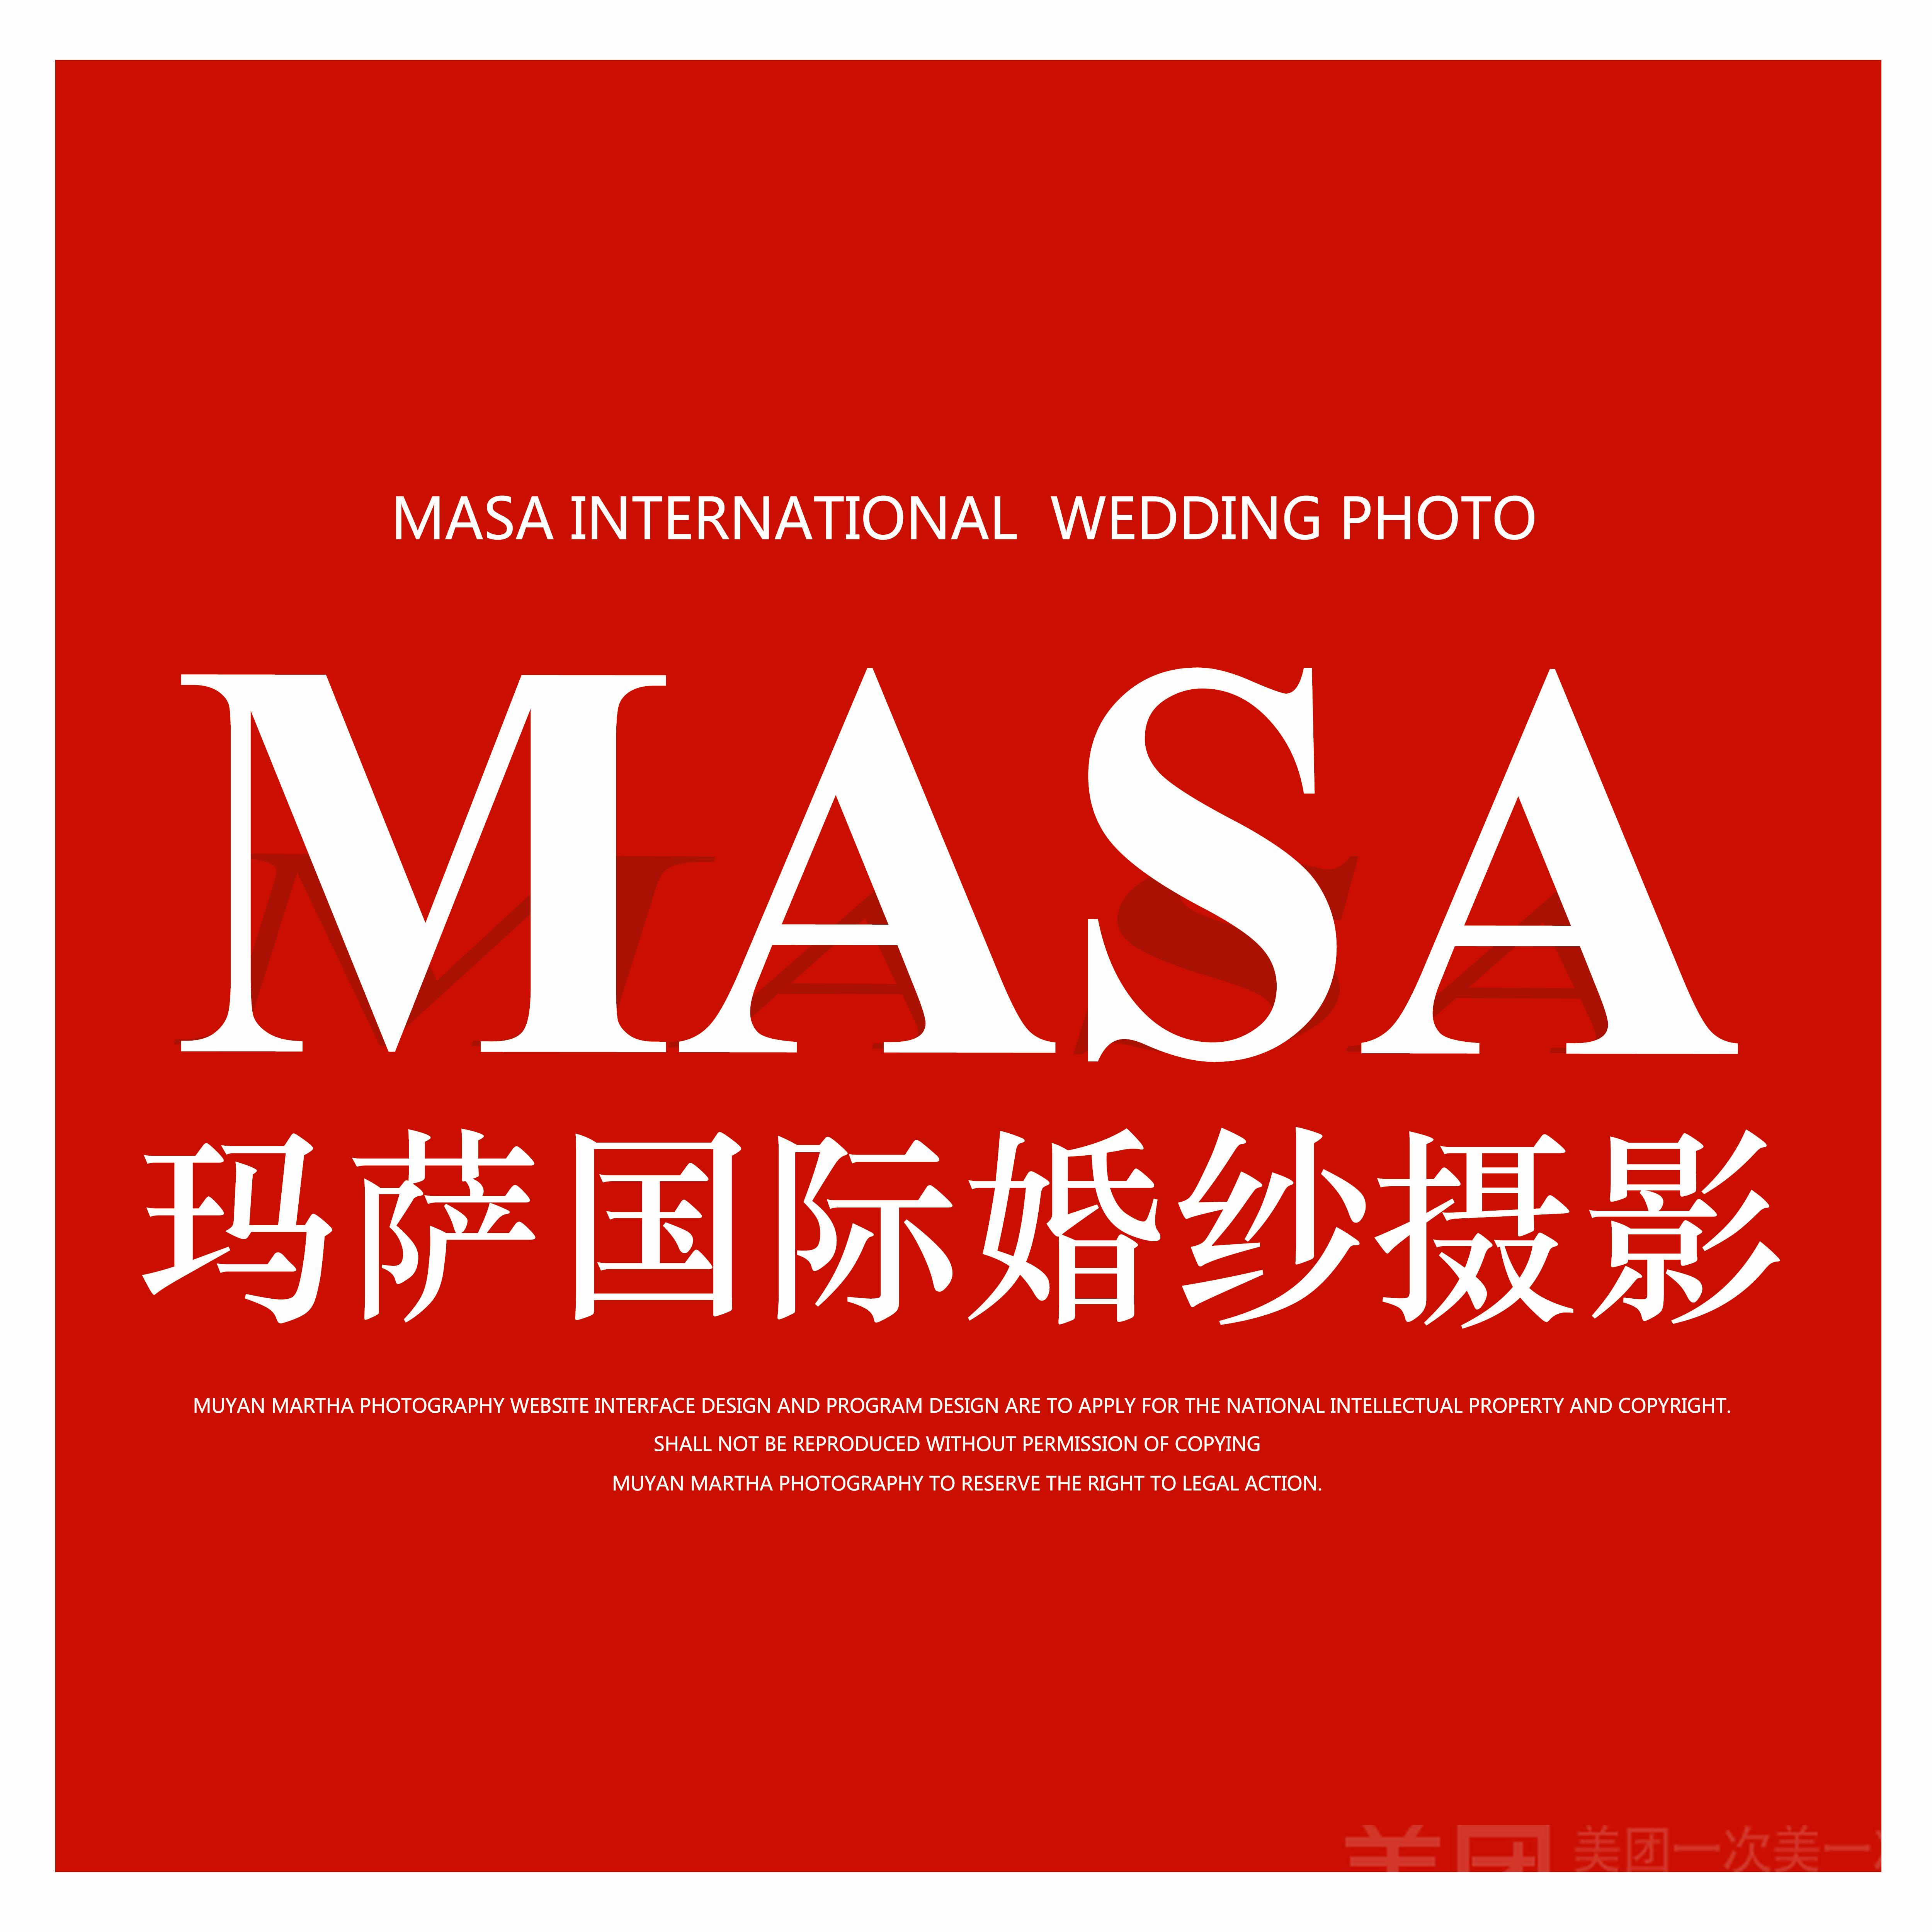 芜湖玛萨国际婚纱摄影-美团